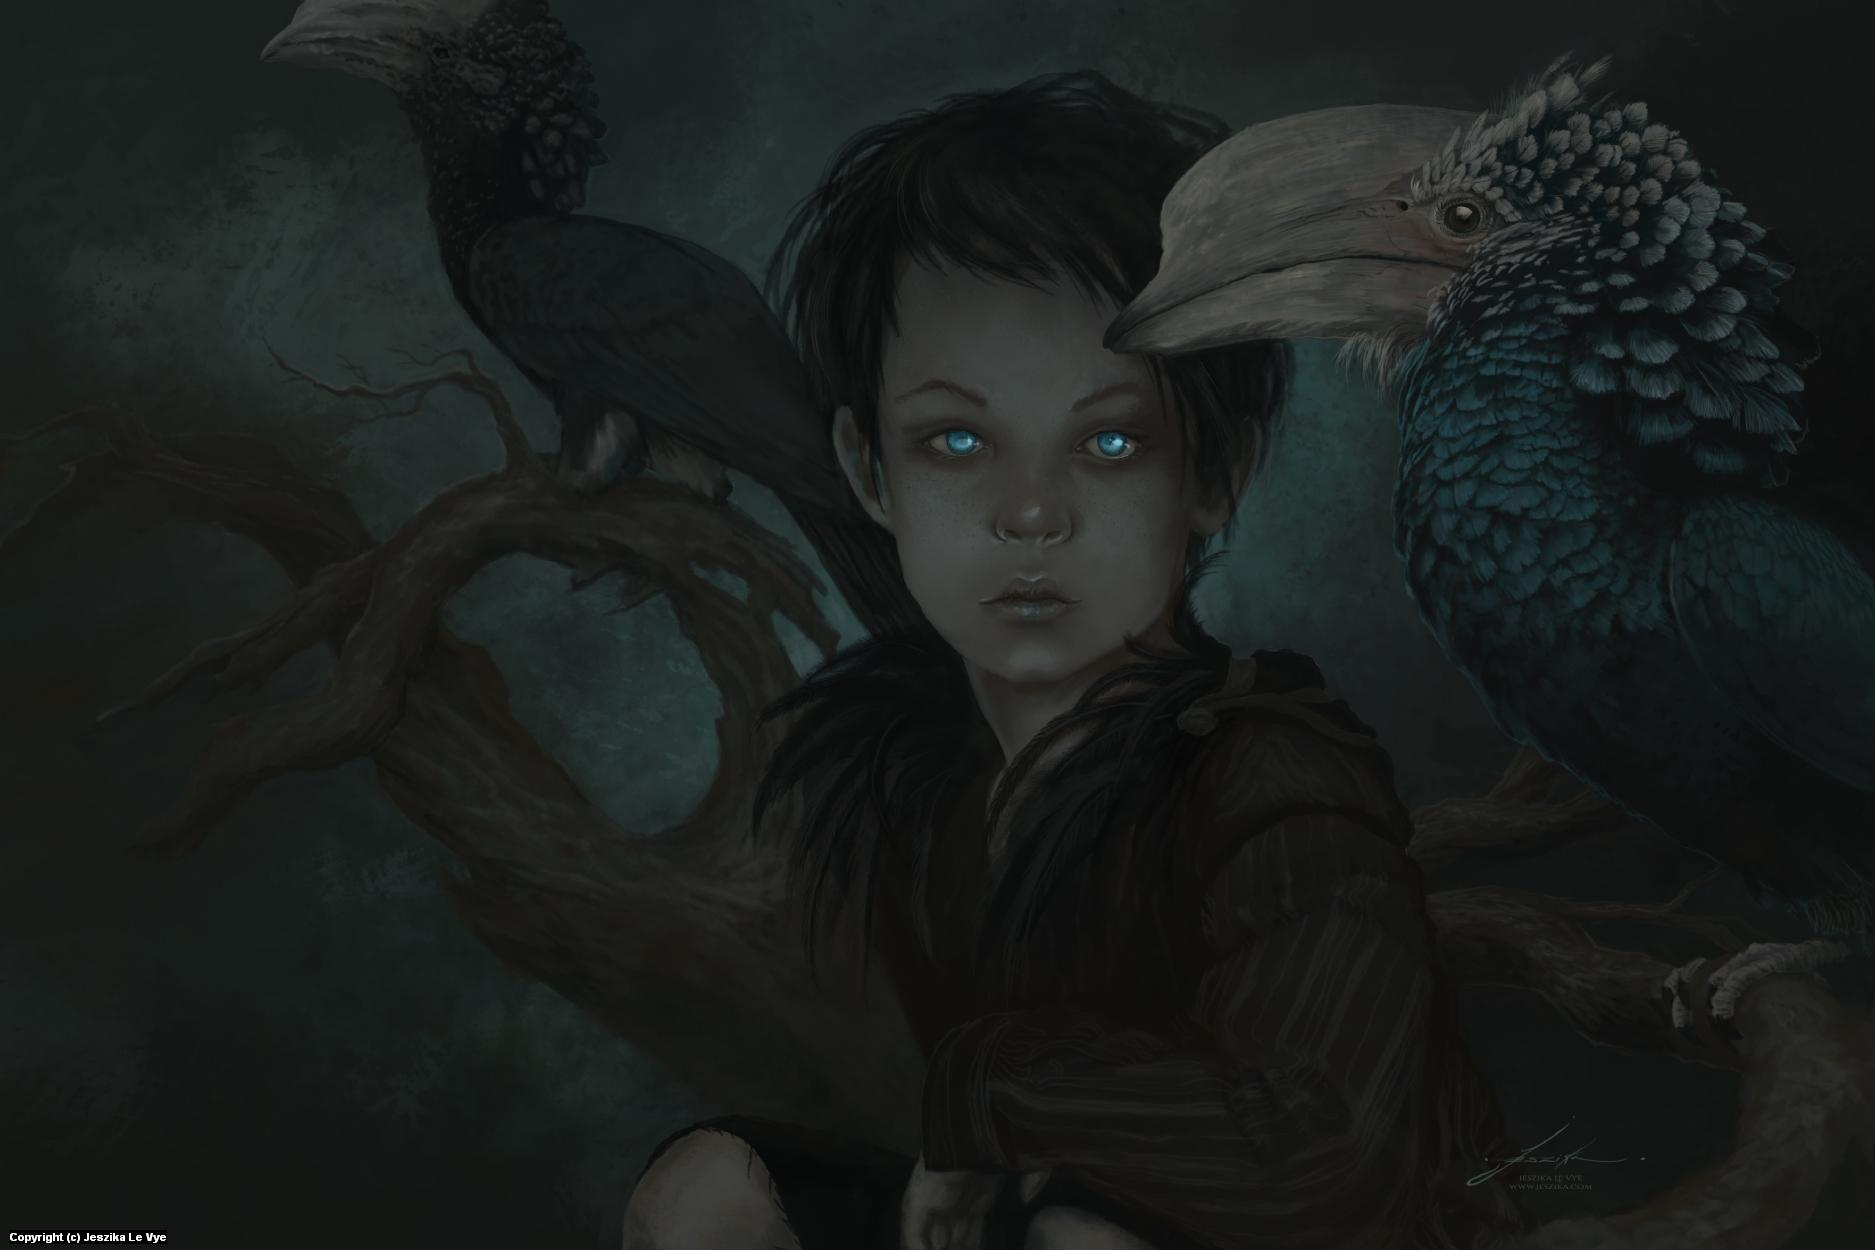 Peter Pan Artwork by Jeszika Le Vye